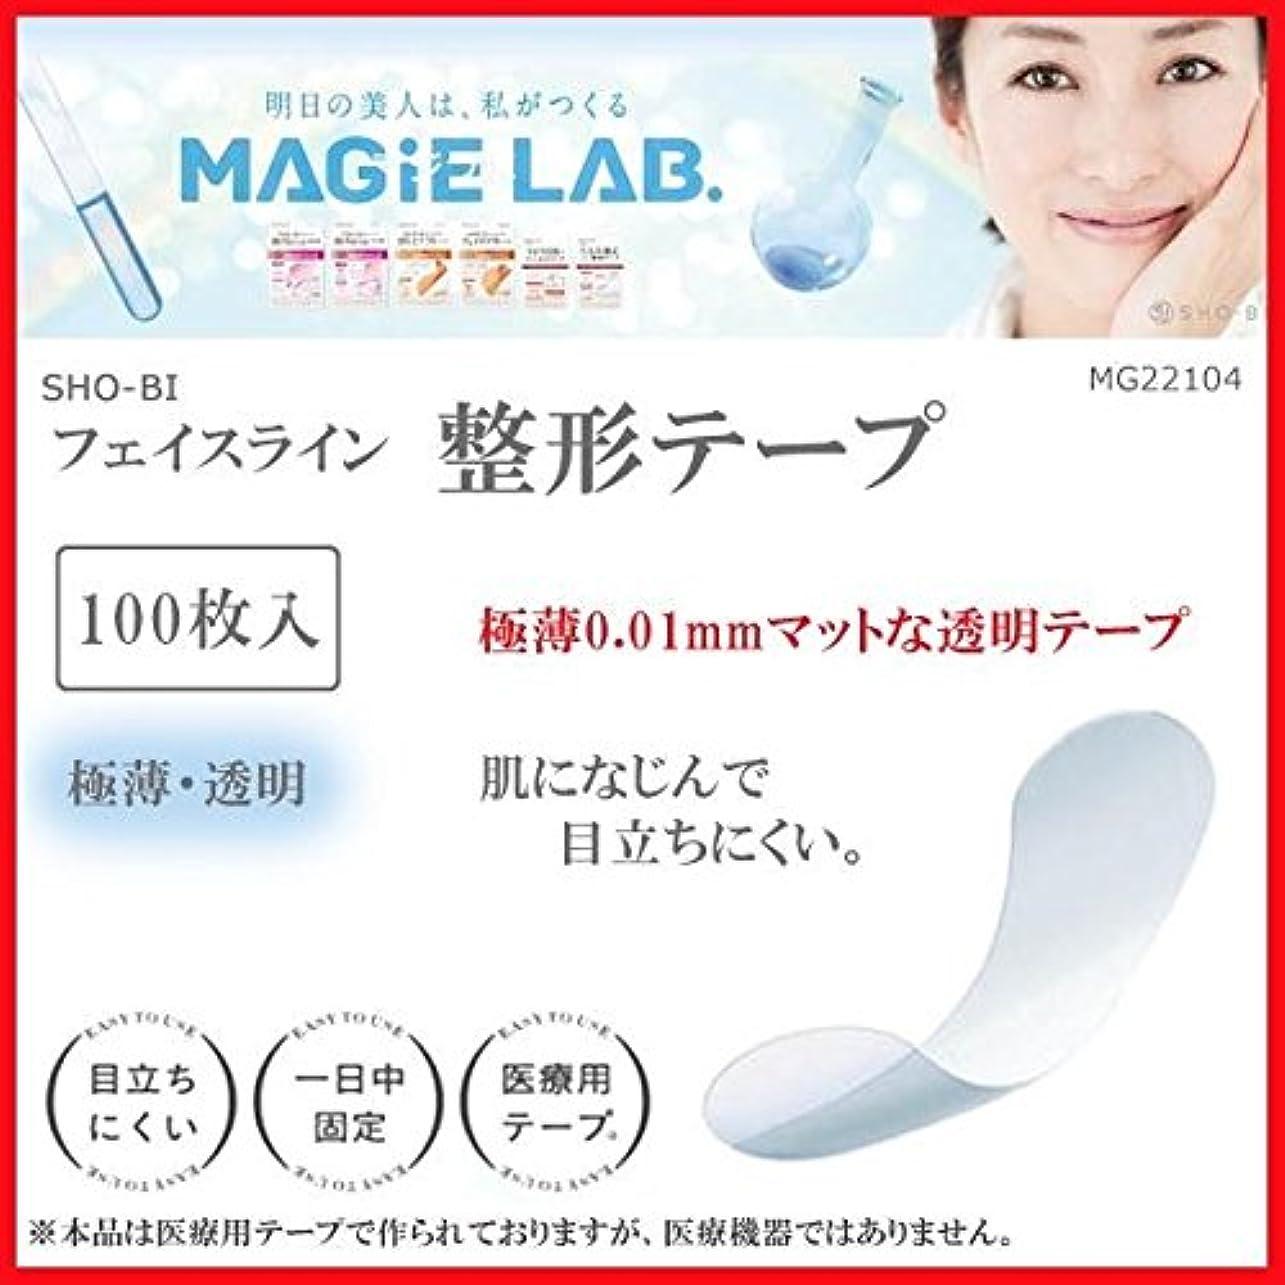 受け入れたもし用量SHO-BI MAGiE LAB.(マジラボ) フェイスライン整形テープ 100枚入 MG22104